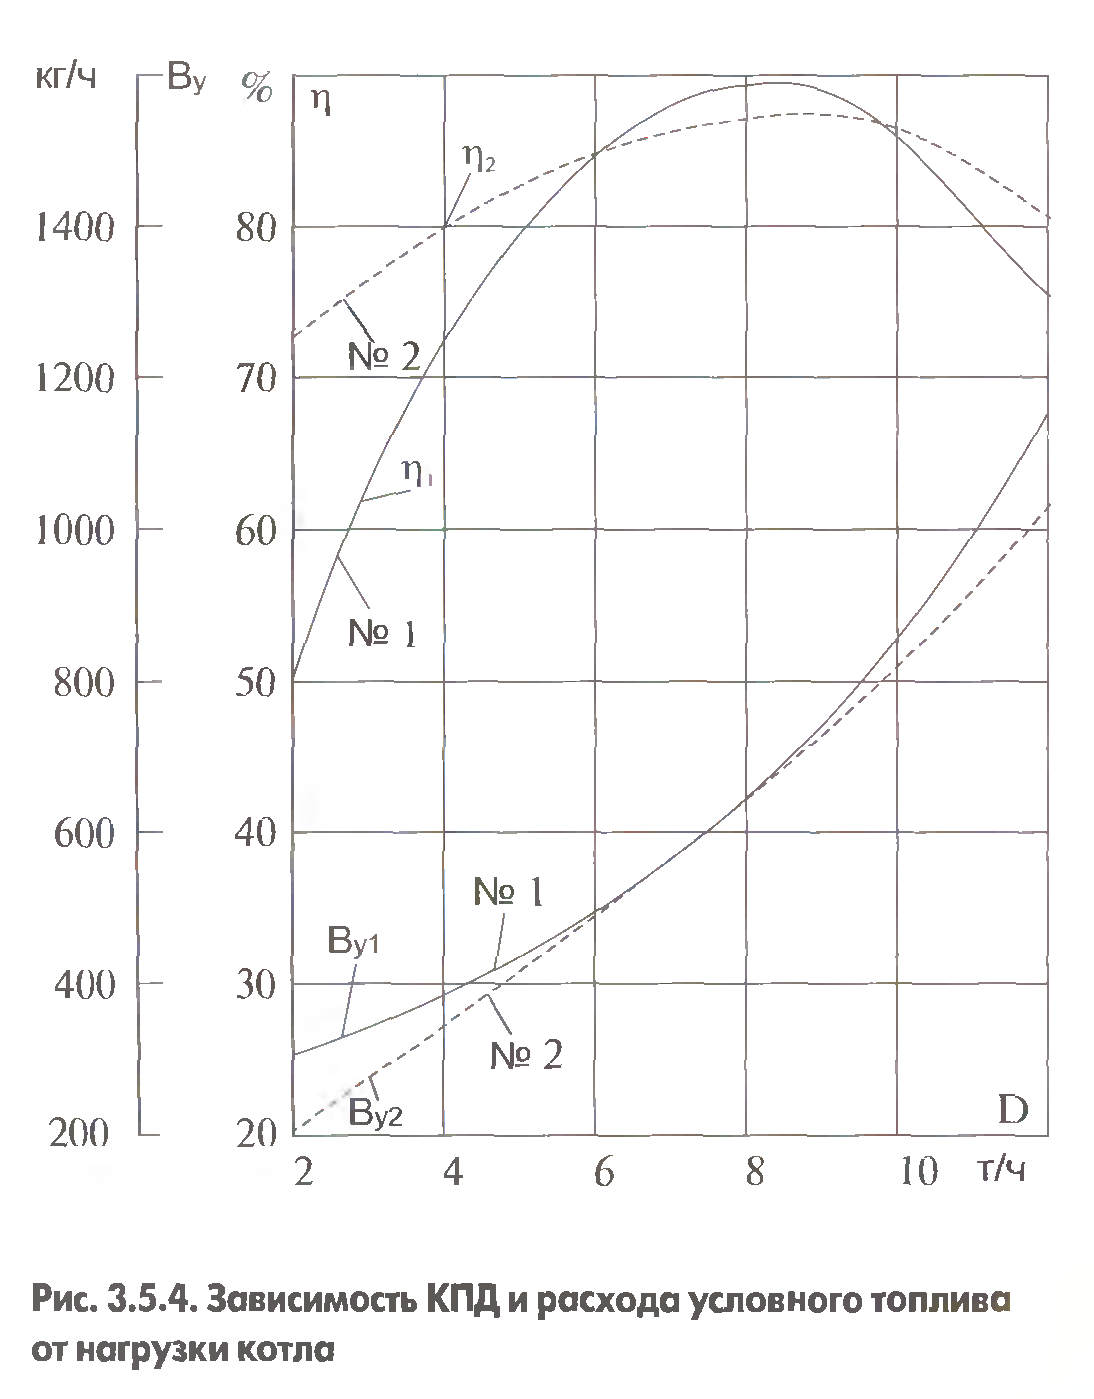 Котел 16 квт на сколько квадратных метров. как рассчитать мощность котла: учет теплопотерь и высоты потолоков, подробный пример расчета.